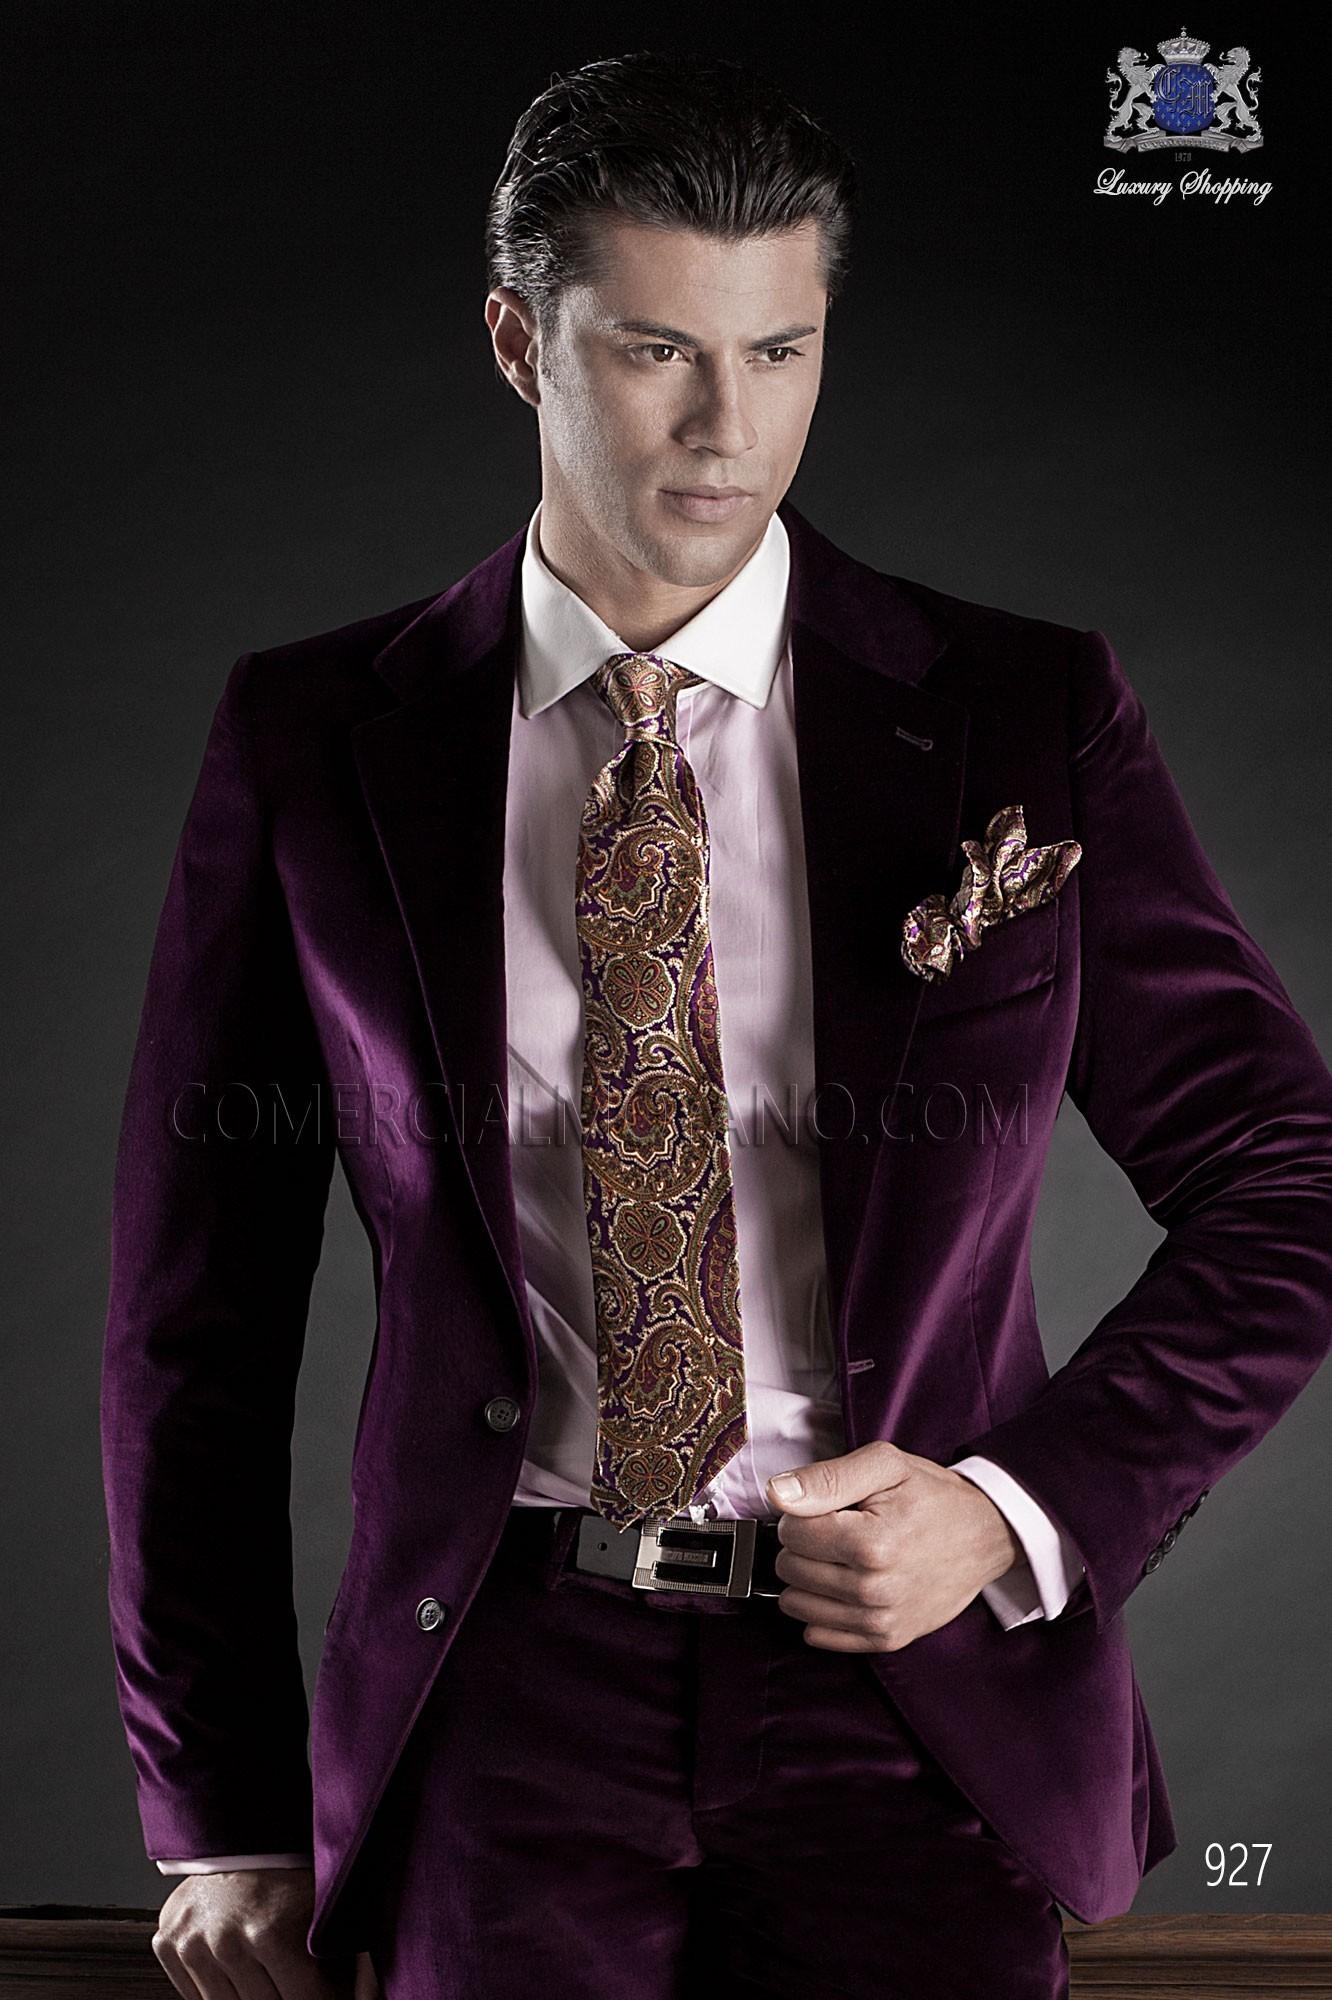 Traje de fiesta hombre morado modelo: 927 Ottavio Nuccio Gala colección Black Tie